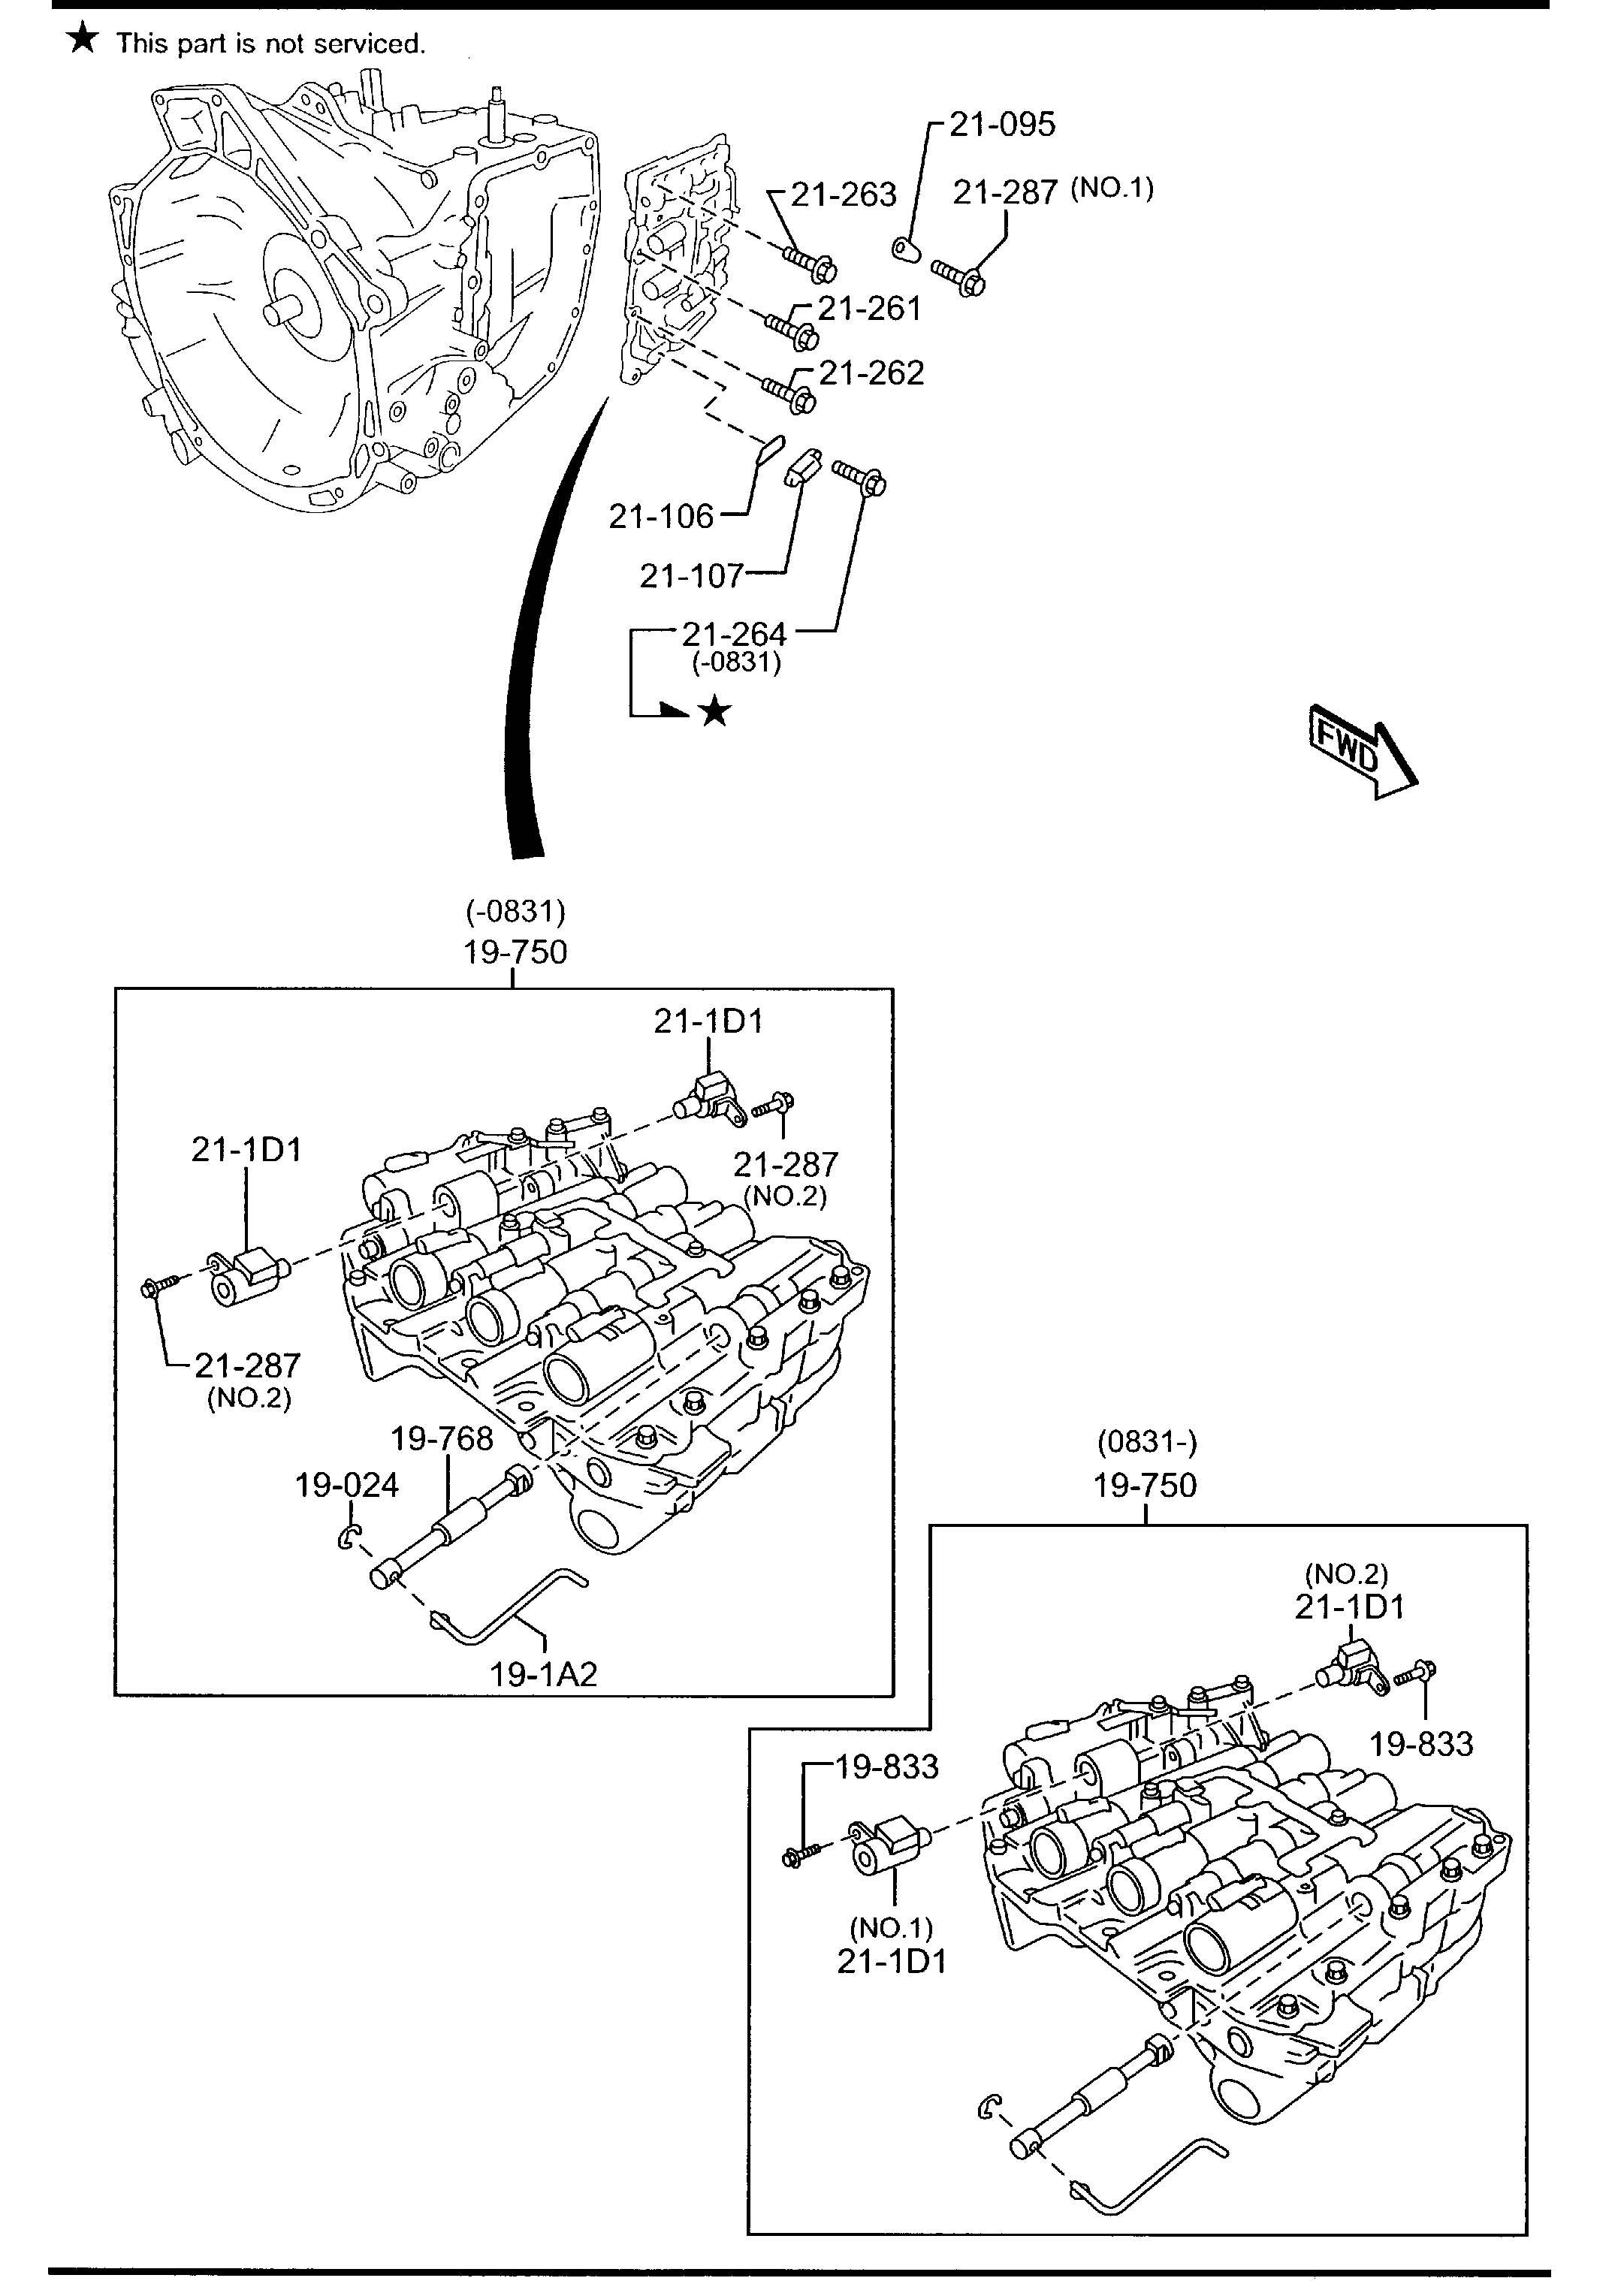 700r4 Vacuum Line Wiring Diagram And Fuse Box